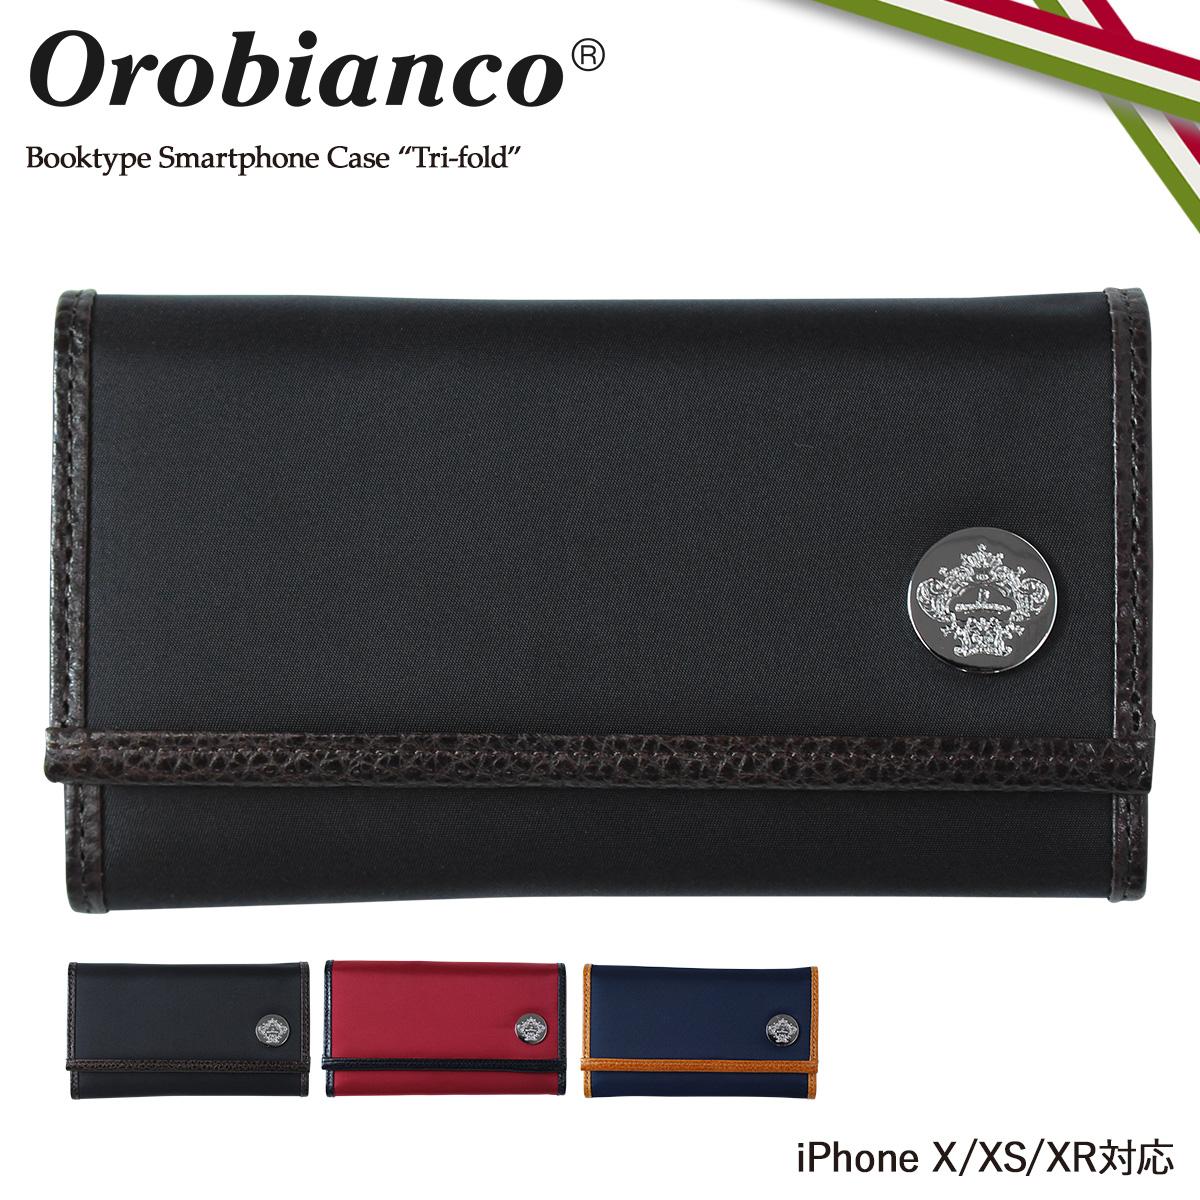 【最大2000円OFFクーポン】 オロビアンコ Orobianco iPhone XR X XS ケース 手帳型 スマホ アイフォン TRI-FOLD レザー メンズ レディース ORIP-0005